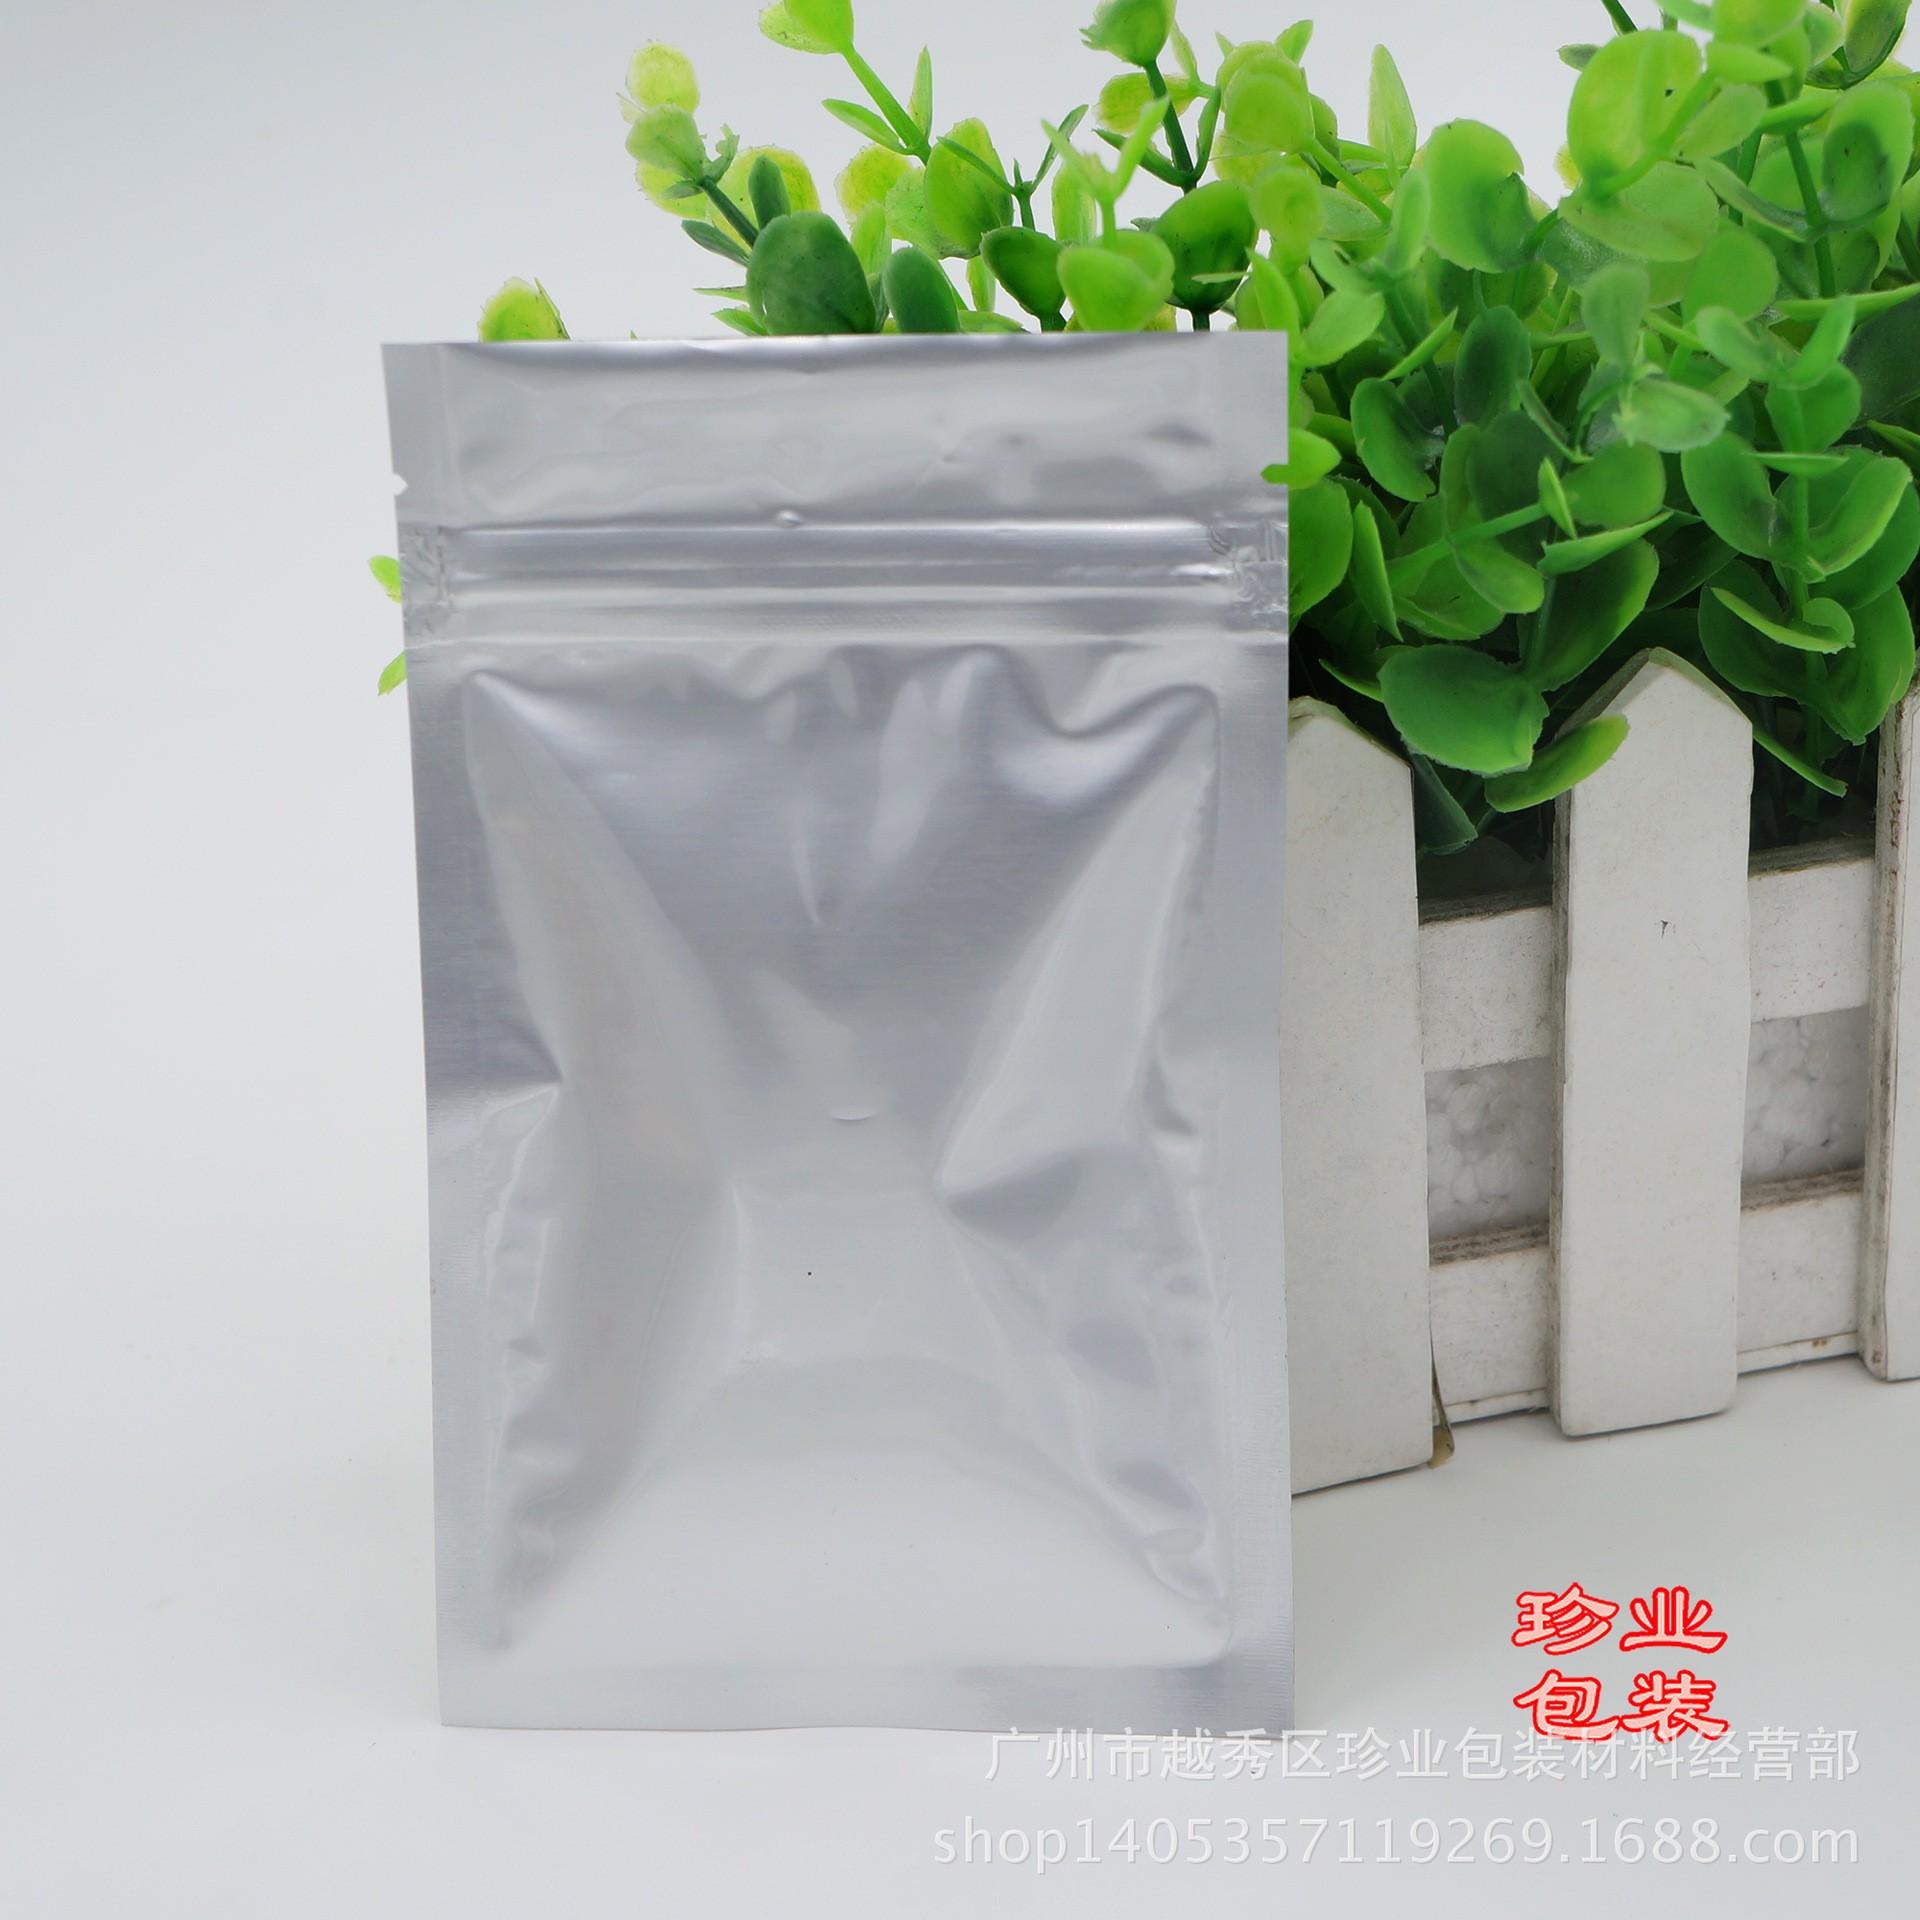 食品防潮拉链袋 可定制 全新料 胶印,丝网印刷 珍业包装